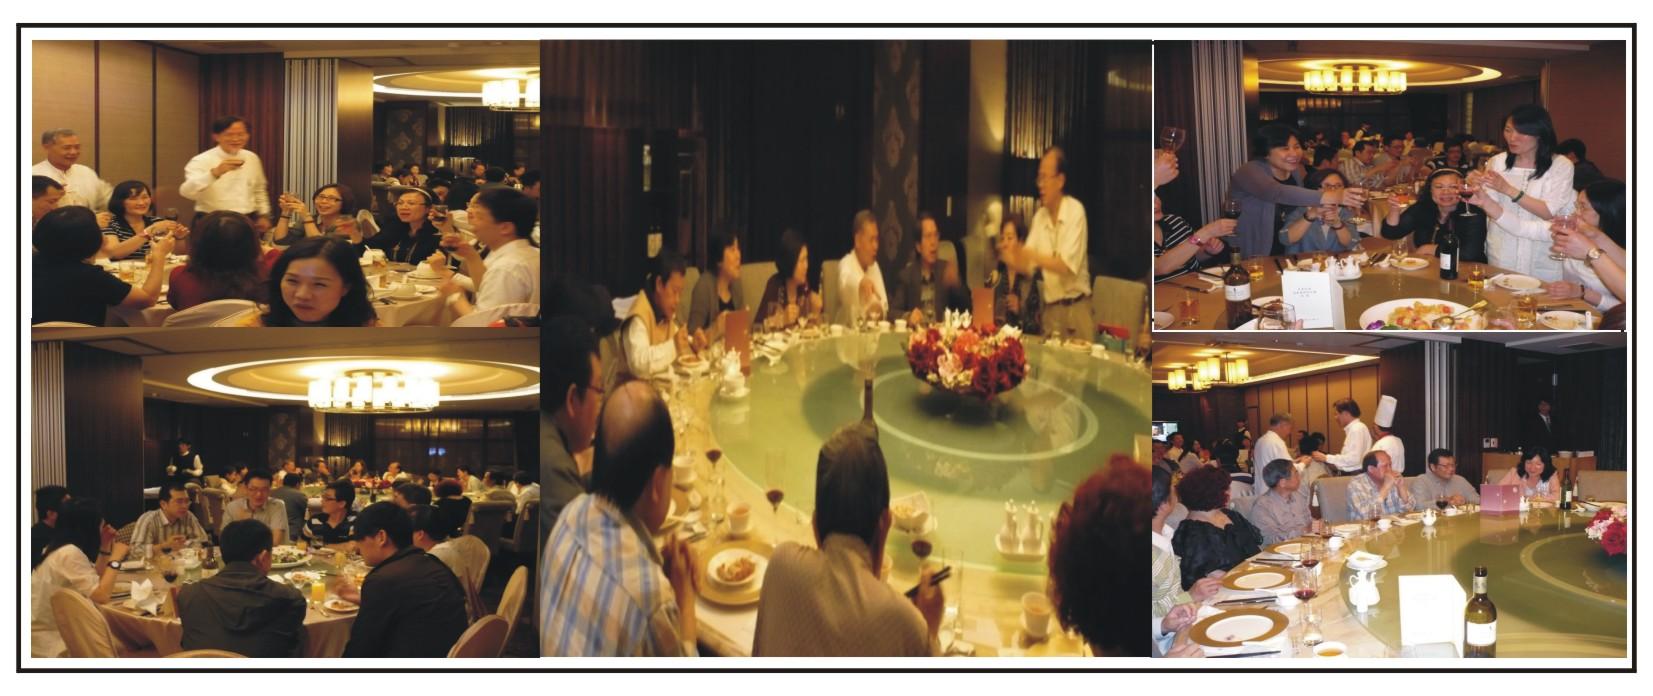 第五屆理、監事成員,餐敘聯誼。